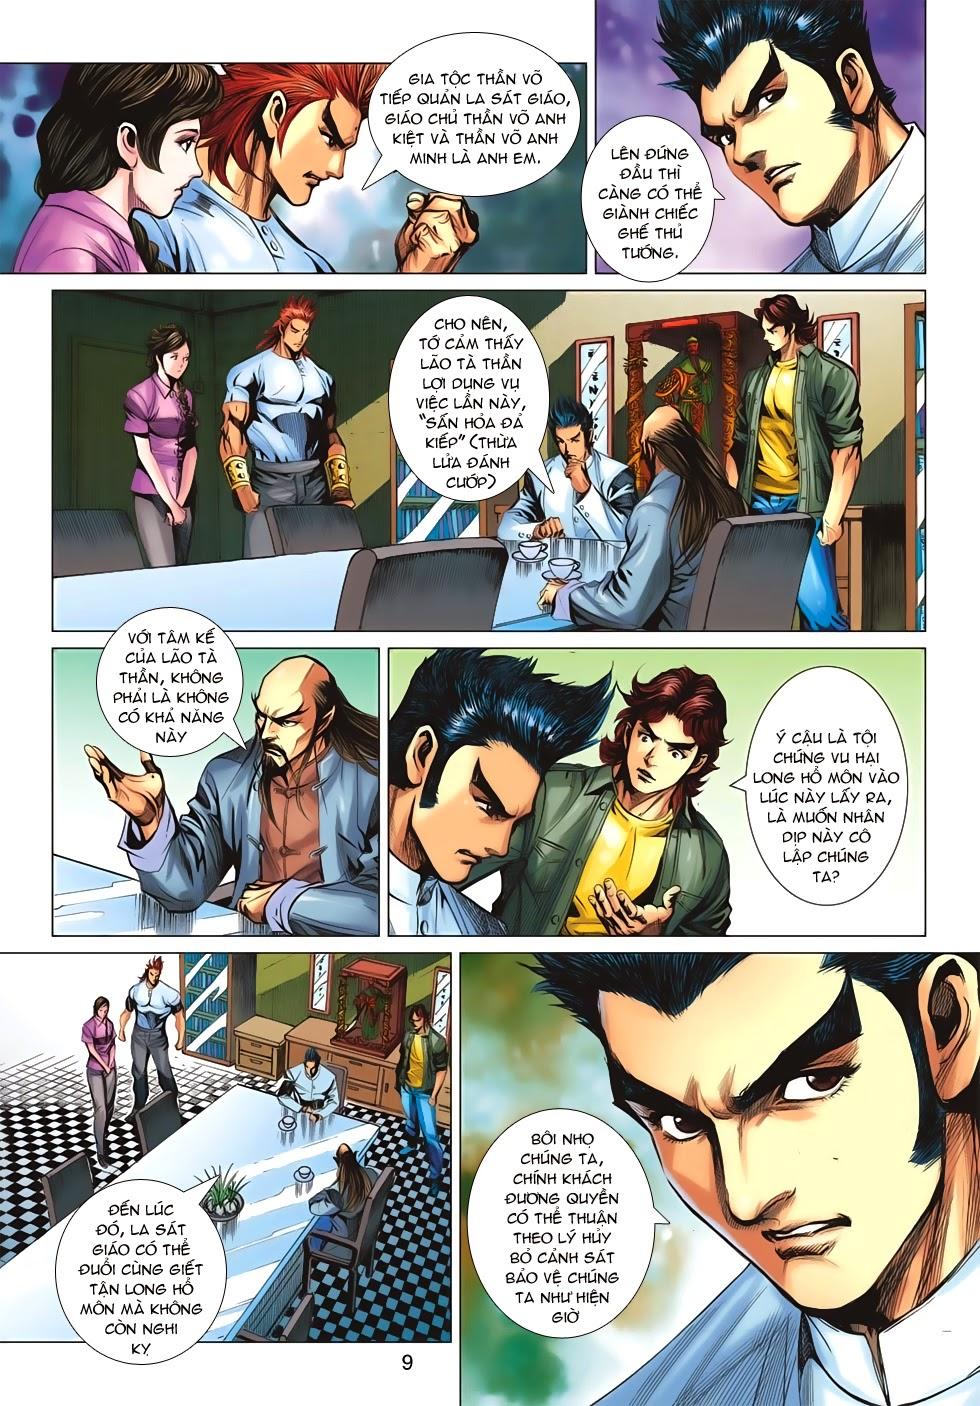 Tân Tác Long Hổ Môn chap 659 - Trang 9